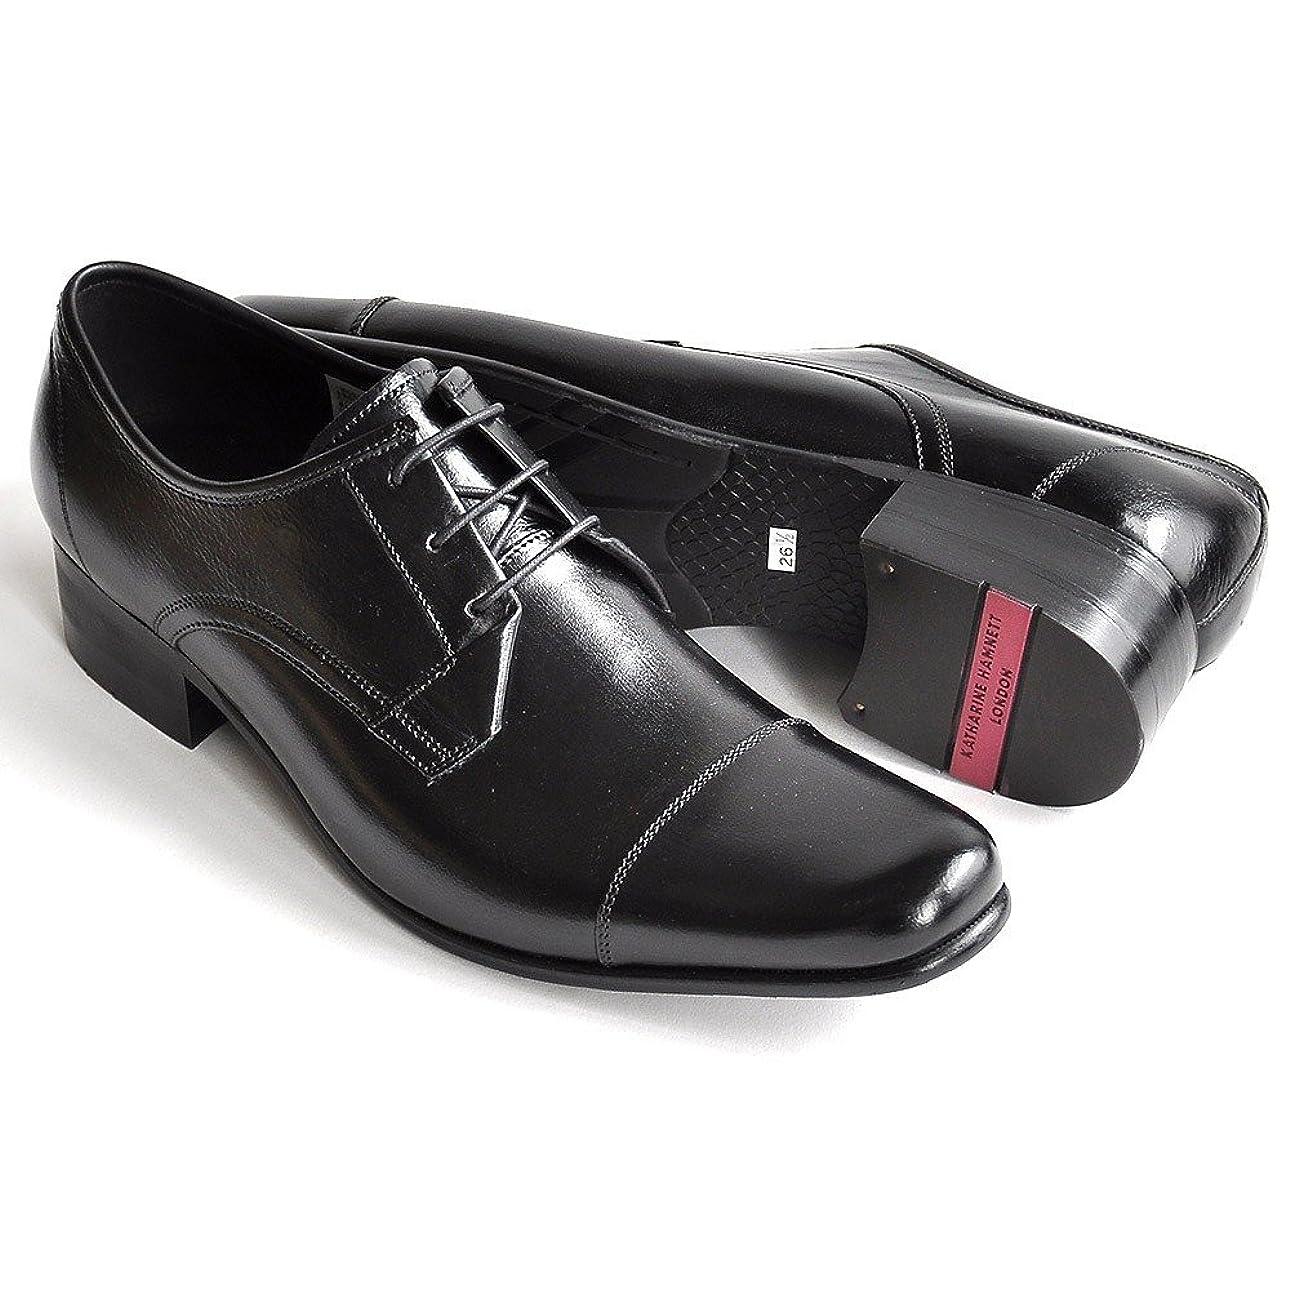 アルファベット順免除するテーマキャサリンハムネット 靴 ビジネスシューズ 革靴 メンズ 本革 ストレートチップ マッケイ 31441【SET】